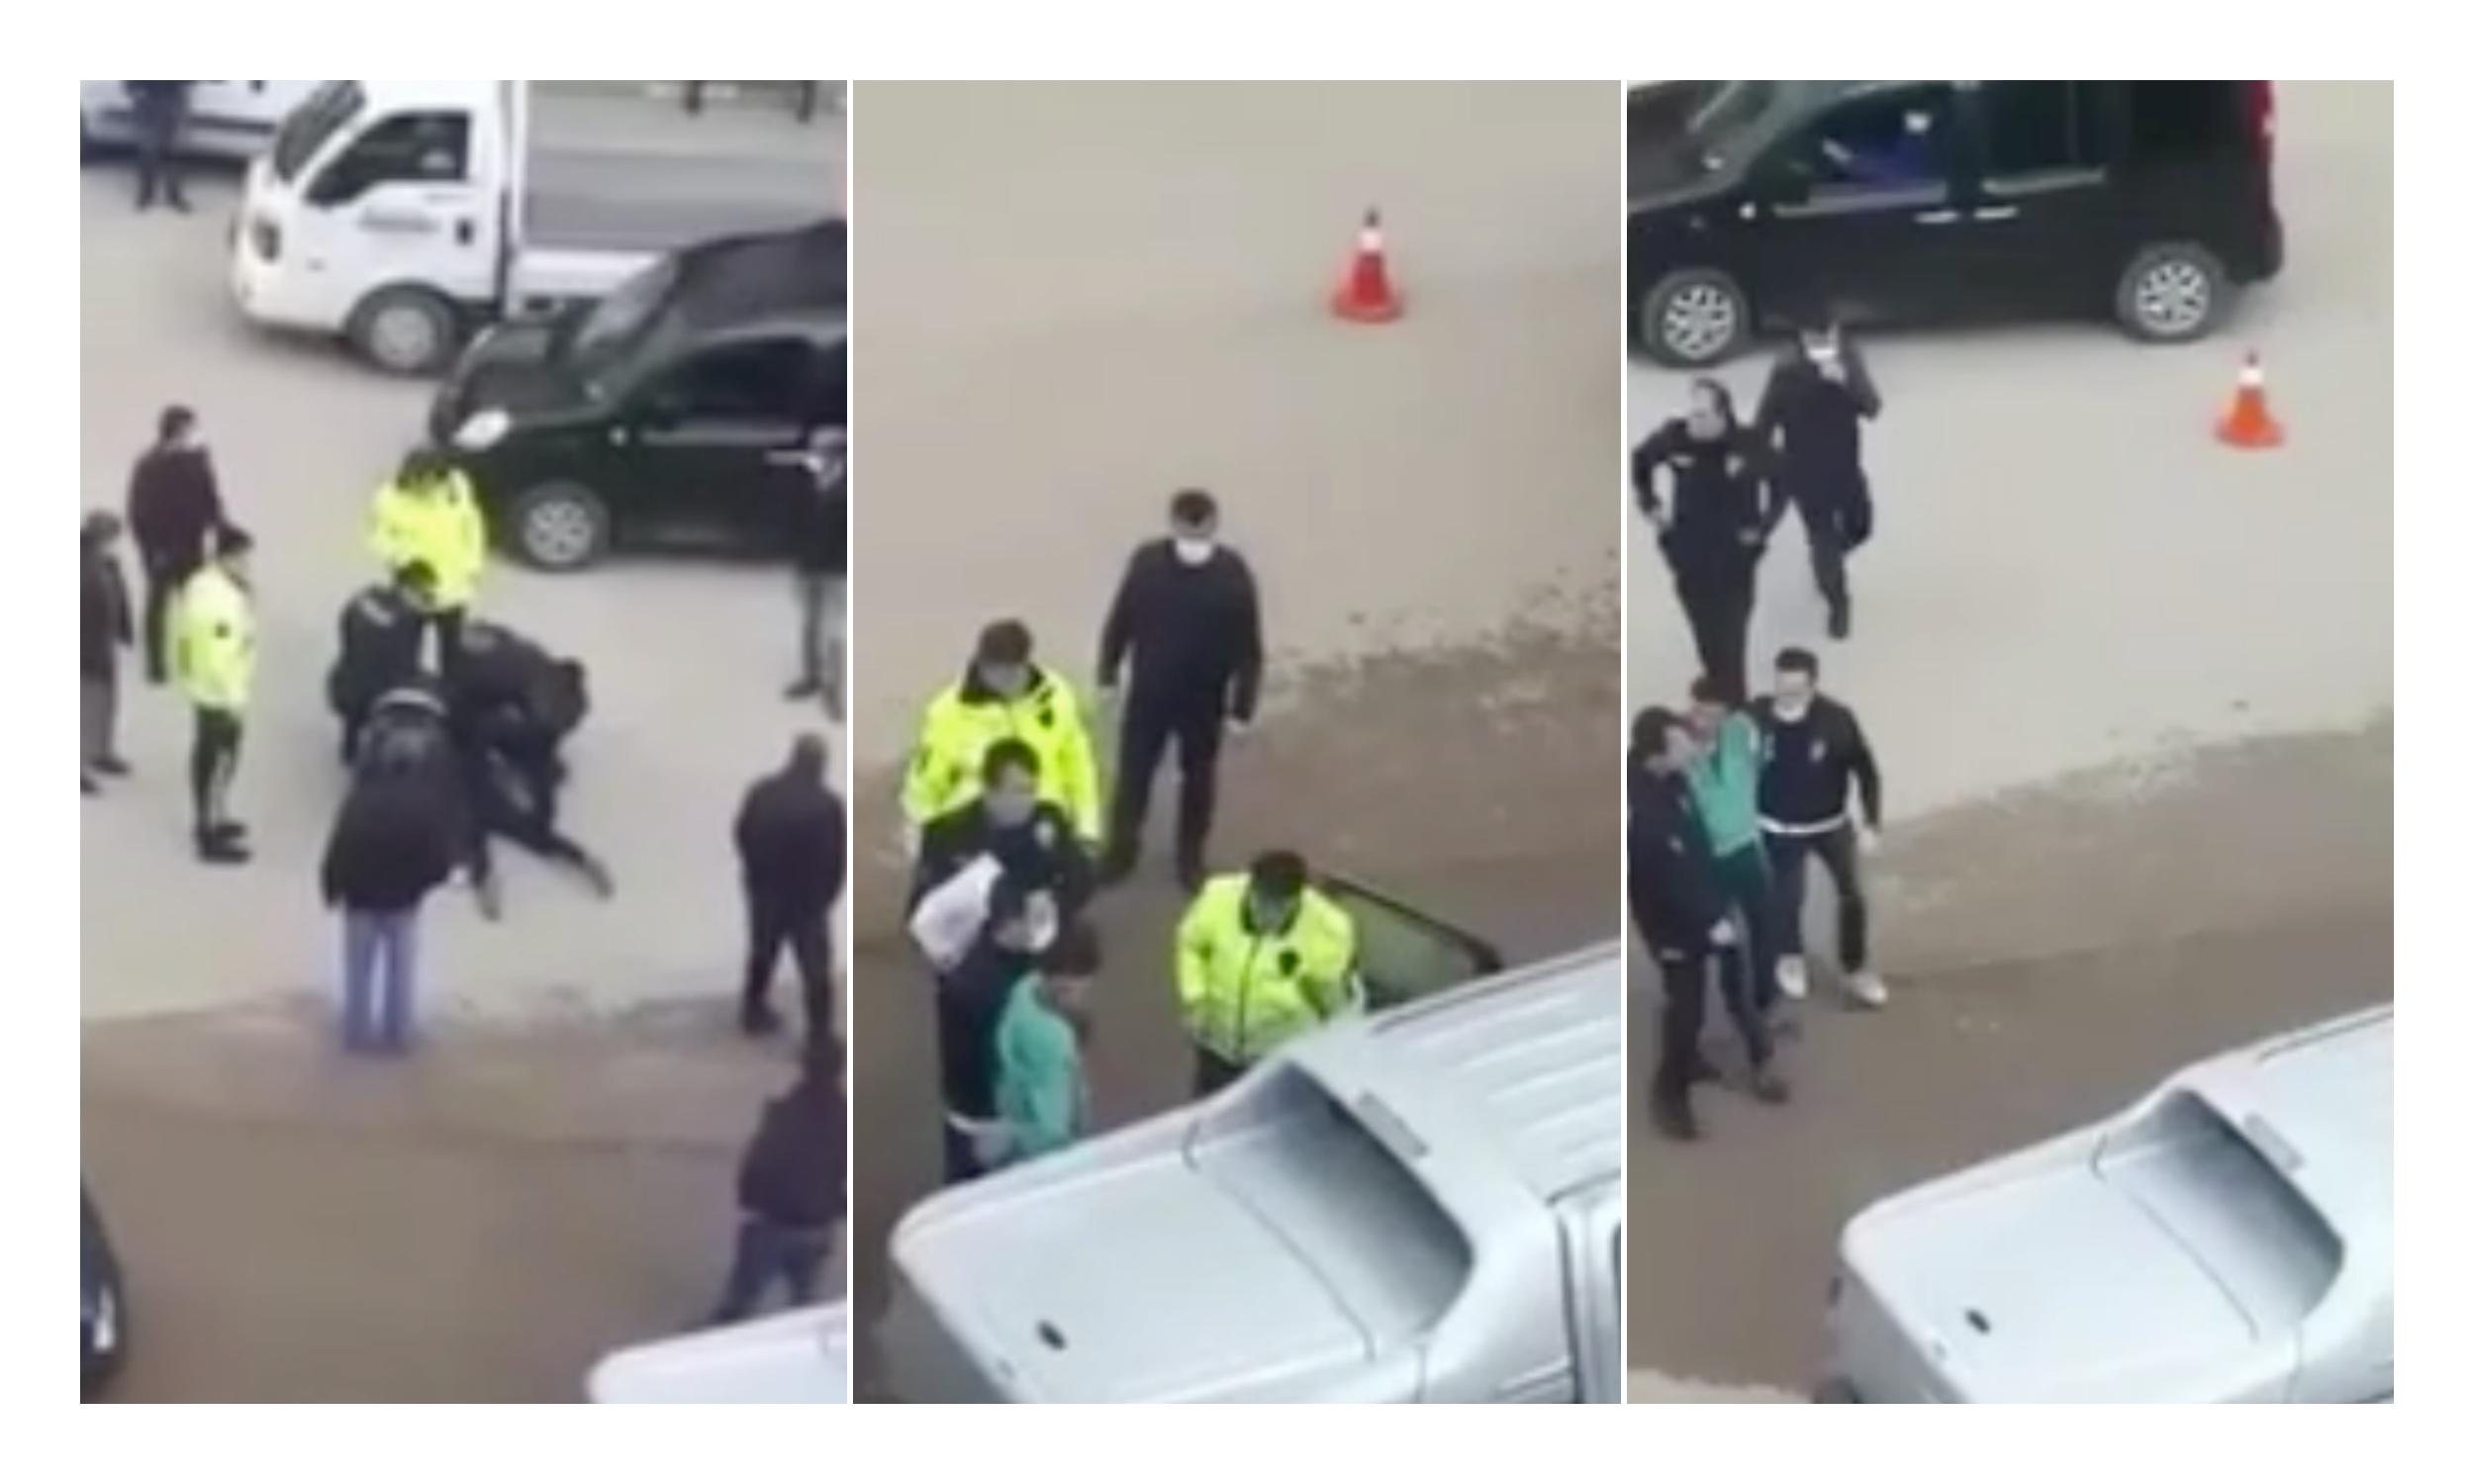 Darp Raporu Aşıp Şikayetçi Oldu! Araç Kullanırken Telefonla Konuşan Adamla Polis Arasında Arbede Çıktı